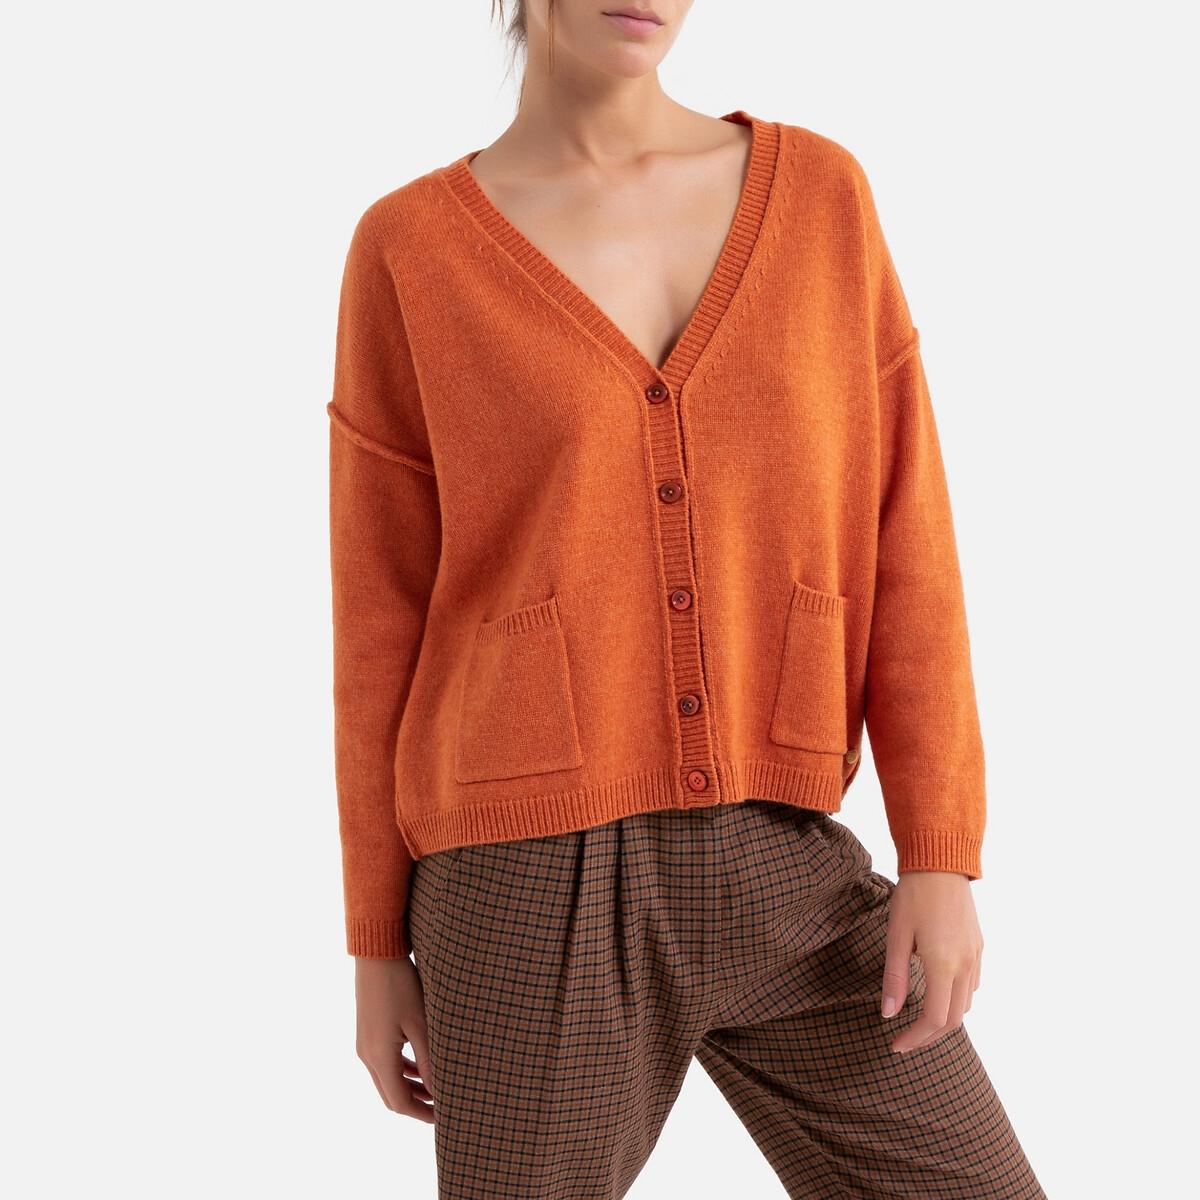 Кардиган LaRedoute Длинный с v-образным вырезом из тонкого трикотажа на пуговицах 3(L) оранжевый